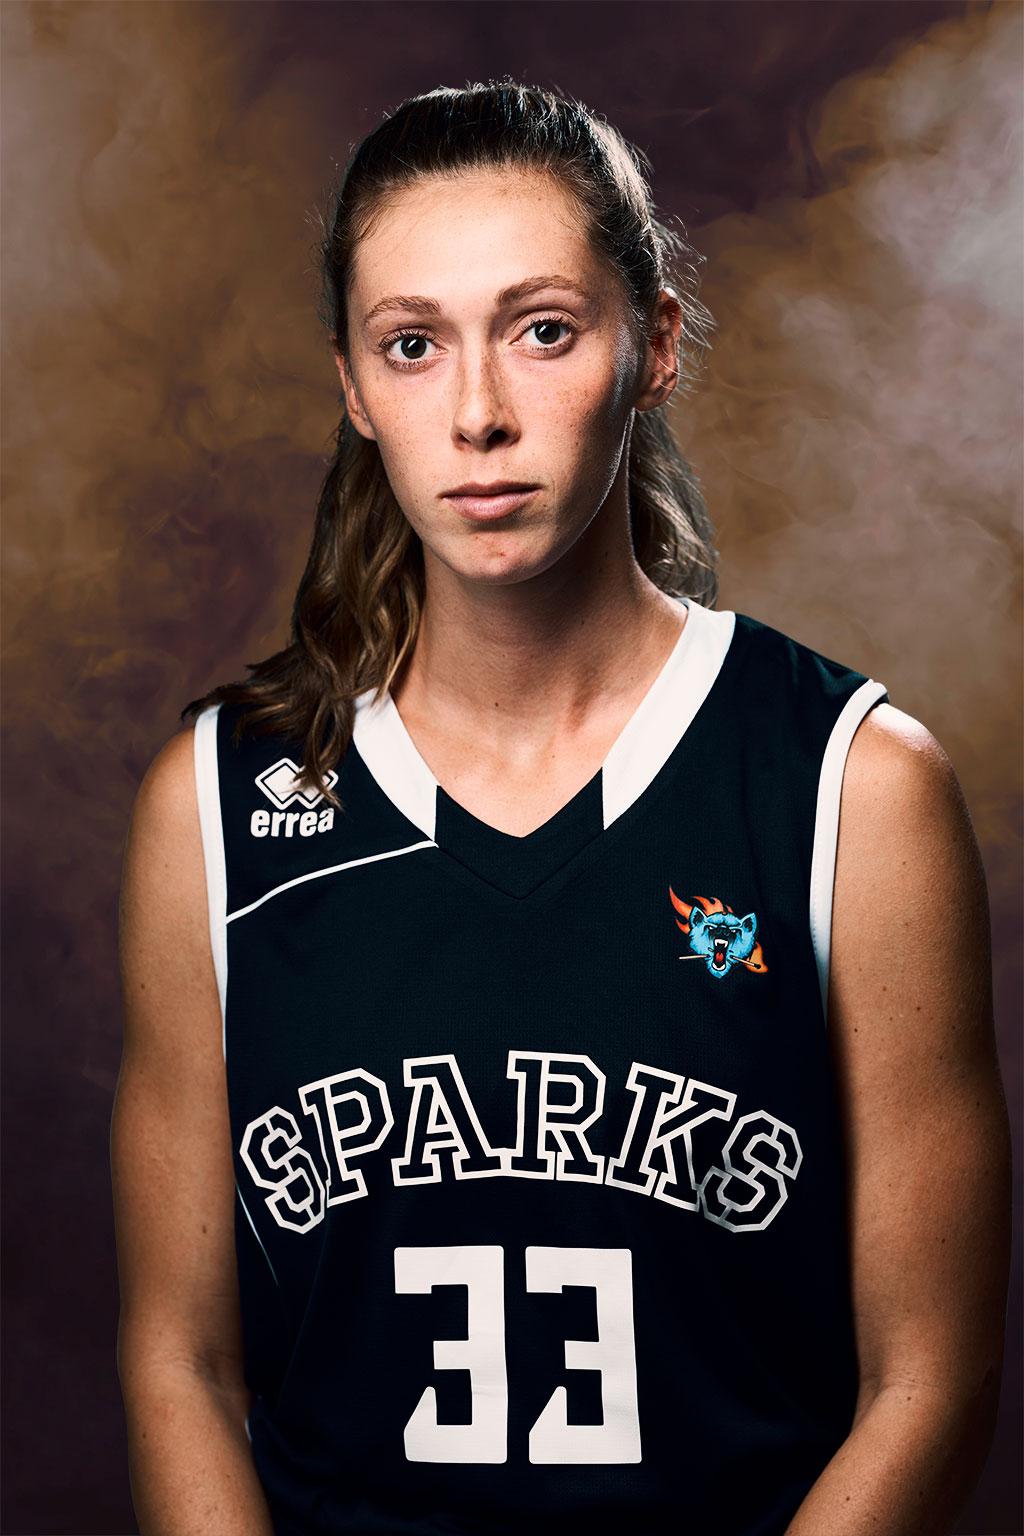 Sarah Saba